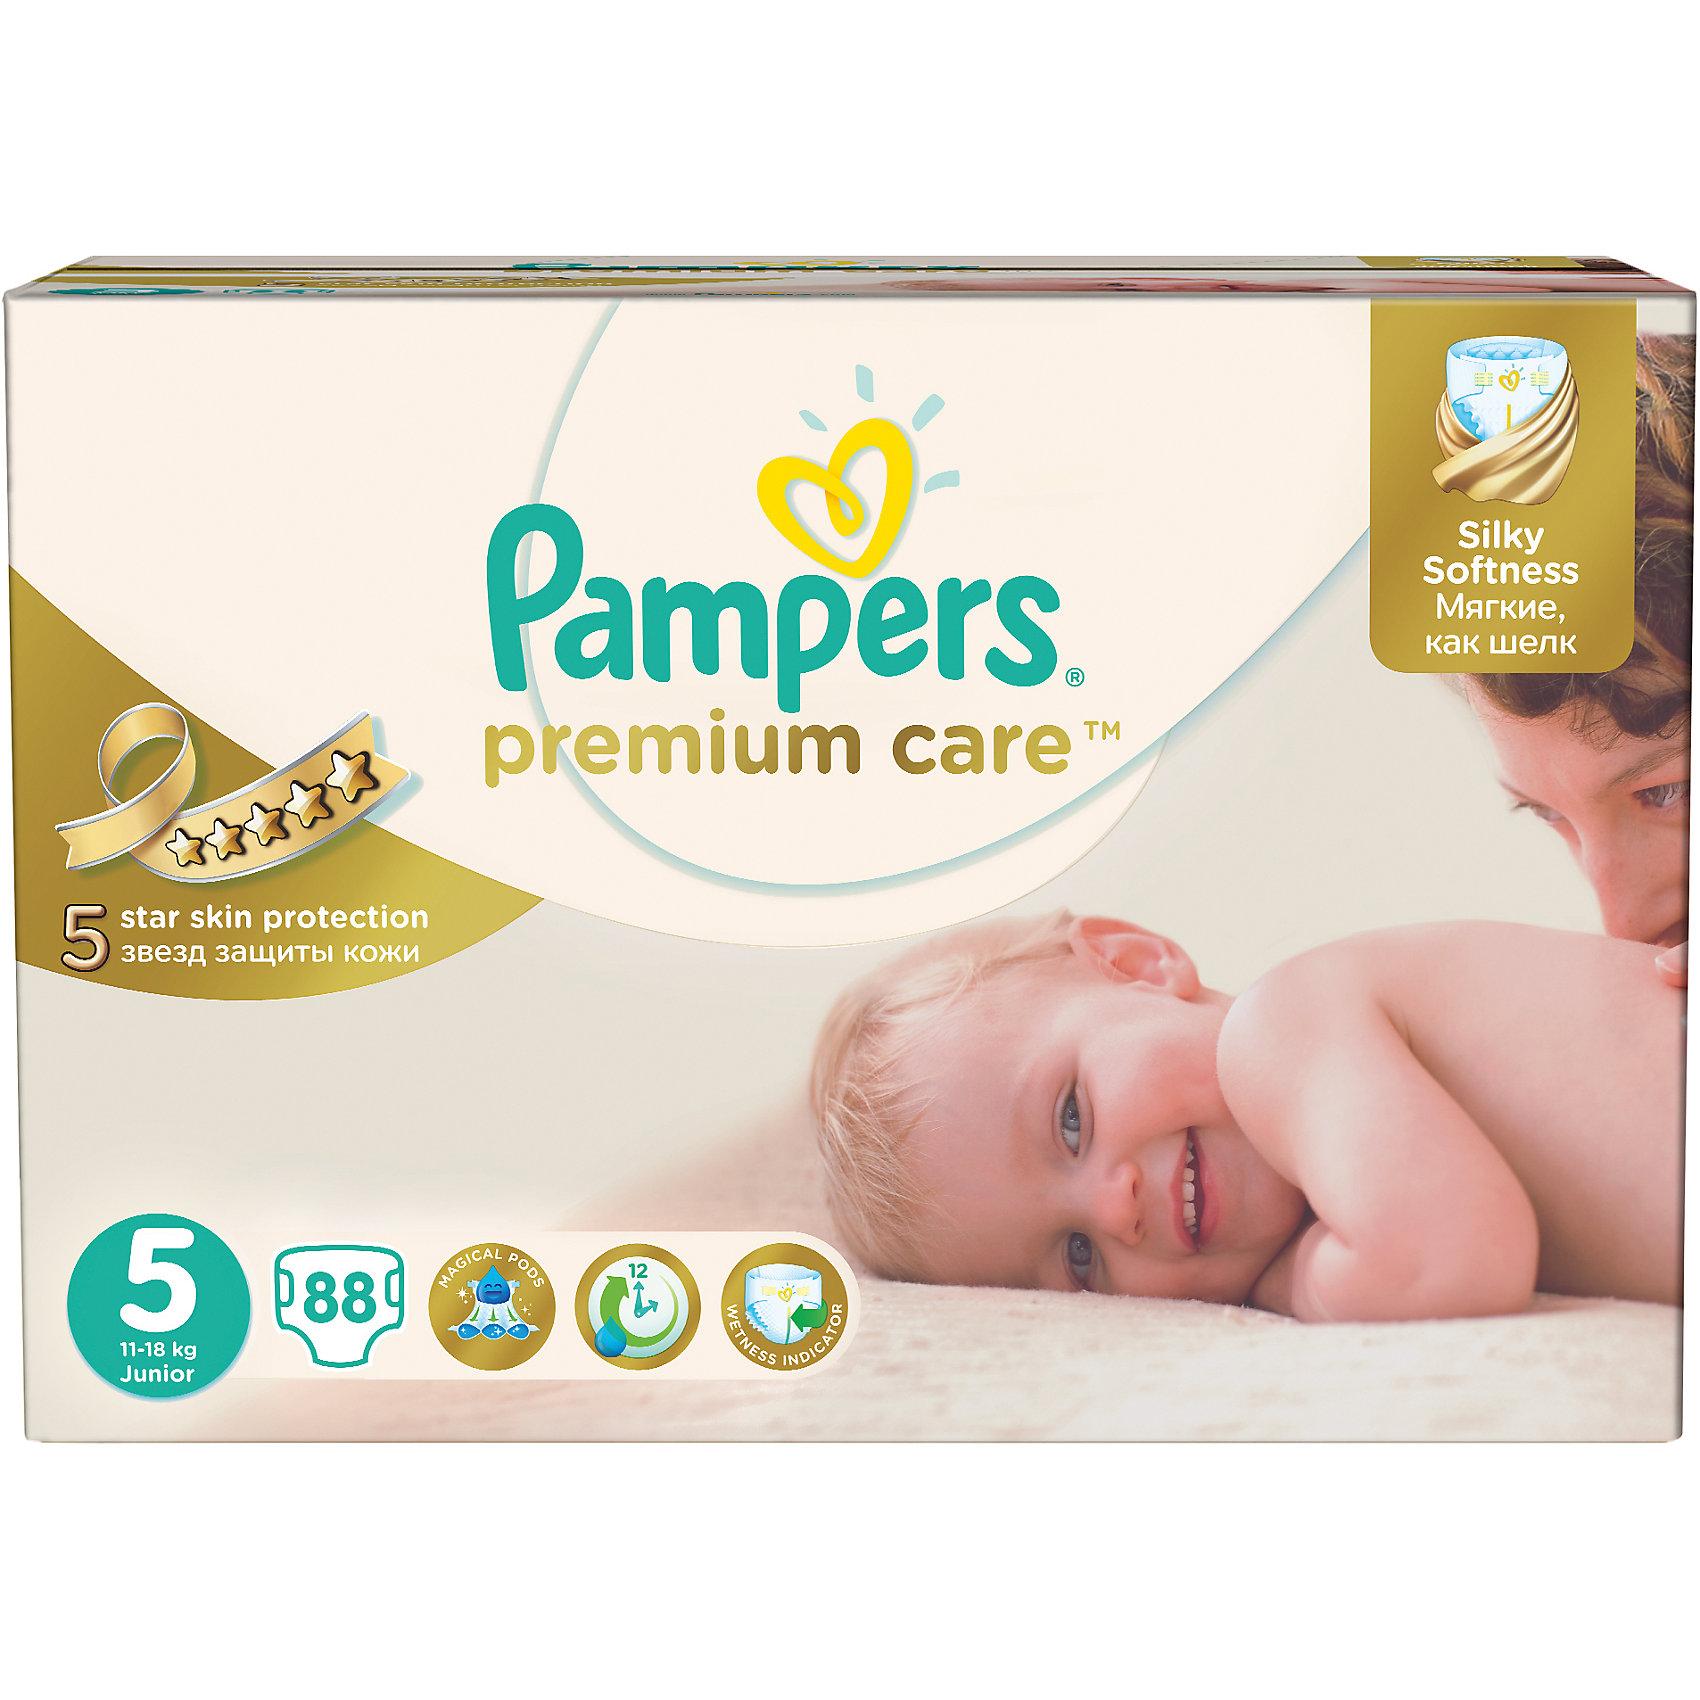 Подгузники Pampers Premium Care, 11-18 кг, 5 размер, 88 шт., PampersПодгузники<br>Характеристики:<br><br>• Пол: универсальный<br>• Тип подгузника: одноразовый<br>• Коллекция: Premium Care<br>• Предназначение: для использования в любое время суток <br>• Размер: 5<br>• Вес ребенка: от 11 до 18 кг<br>• Количество в упаковке: 88 шт.<br>• Упаковка: картонная коробка<br>• Размер упаковки: 31,8*24,4*25,8 см<br>• Вес в упаковке: 3 кг 209 г<br>• Эластичные застежки-липучки<br>• Подходят для чувствительной кожи<br>• Индикатор влаги<br>• Дышащие материалы<br>• Повышенные впитывающие свойства<br><br>Подгузники Pampers Premium Care, 11-18 кг, 5 размер, 88 шт., Pampers – это новейшая линейка детских подгузников от Pampers, которая сочетает в себе высокое качество и безопасность материалов, удобство использования и комфорт для нежной кожи малыша. Подгузники предназначены для детей весом до 18 кг. Инновационные технологии и современные материалы обеспечивают этим подгузникам дышащие свойства, что особенно важно для кожи малыша. <br><br>Три впитывающих слоя обеспечивают повышенные впитывающие качества, при этом верхний слой остается сухим и мягким. У подгузников предусмотрена эластичная мягкая резиночка на спинке. Широкие липучки с двух сторон обеспечивают надежную фиксацию. У подгузника предусмотрен индикатор сухости-влажности, полоска, которая по мере наполнения меняет цвет. Подгузник подходит как для мальчиков, так и для девочек. <br><br>Подгузники Pampers Premium Care, 11-18 кг, 5 размер, 88 шт., Pampers можно купить в нашем интернет-магазине.<br><br>Ширина мм: 318<br>Глубина мм: 244<br>Высота мм: 258<br>Вес г: 3209<br>Возраст от месяцев: 12<br>Возраст до месяцев: 36<br>Пол: Унисекс<br>Возраст: Детский<br>SKU: 5419031